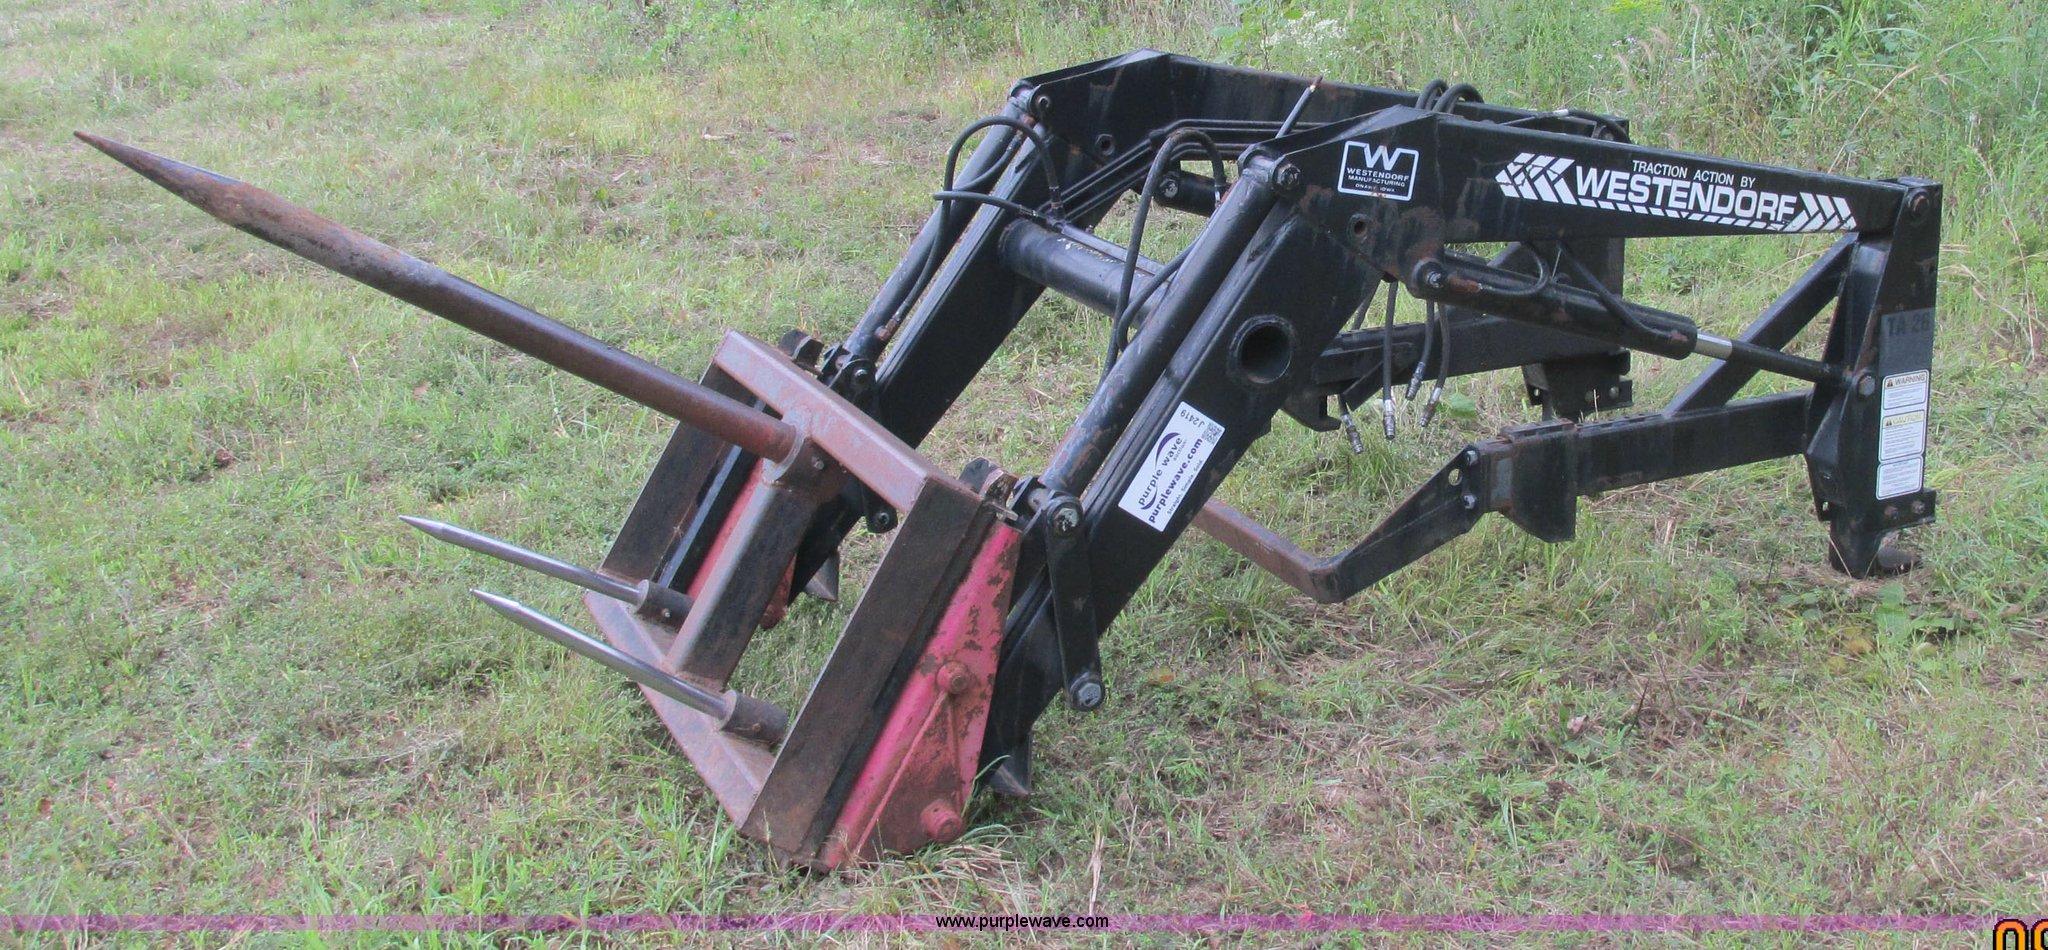 Westendorf TA26 tractor loader | Item J2419 | SOLD! October